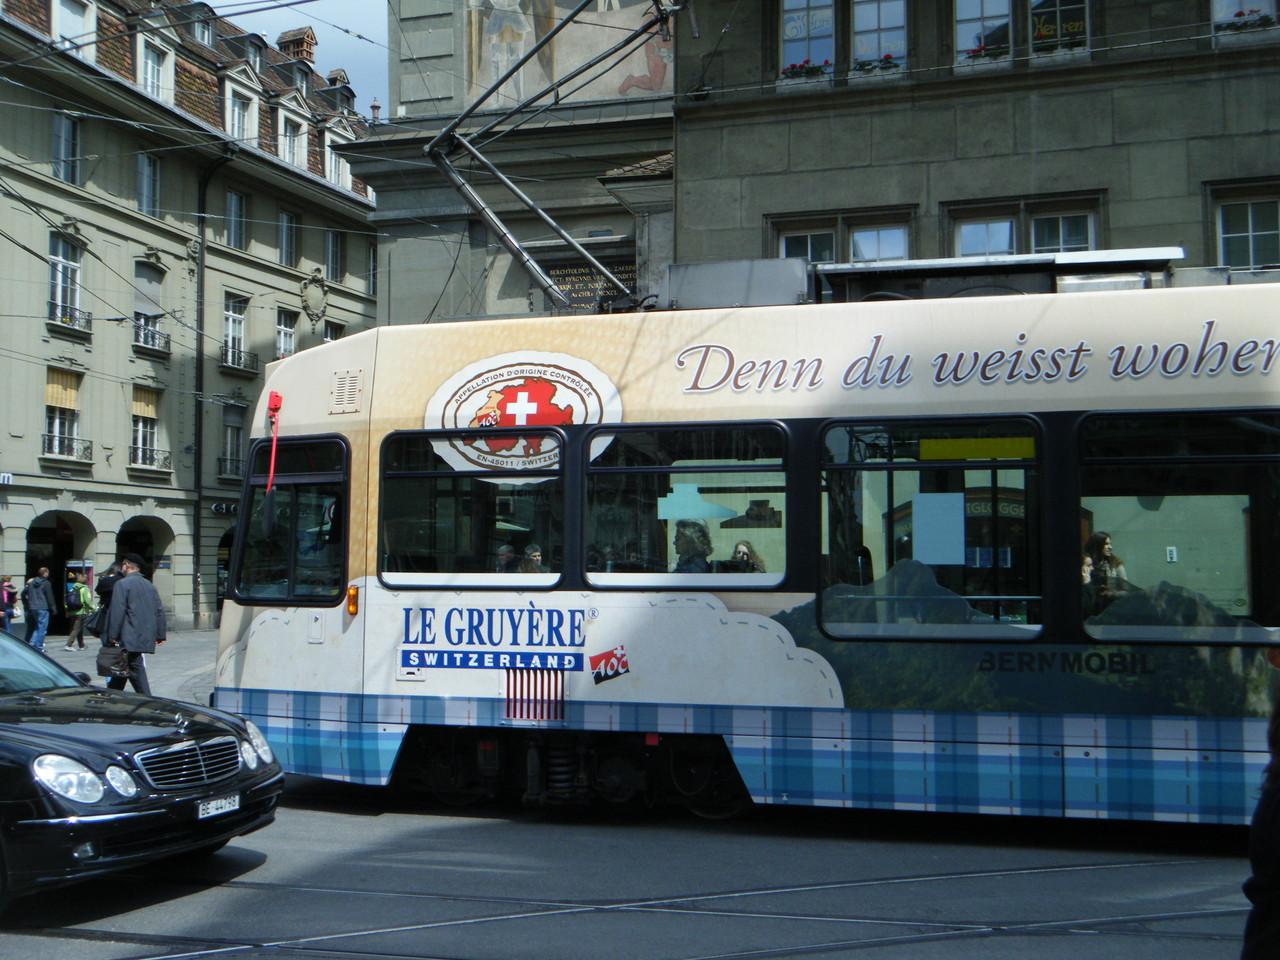 Un tramway, il y en a beaucoup dans cette ville